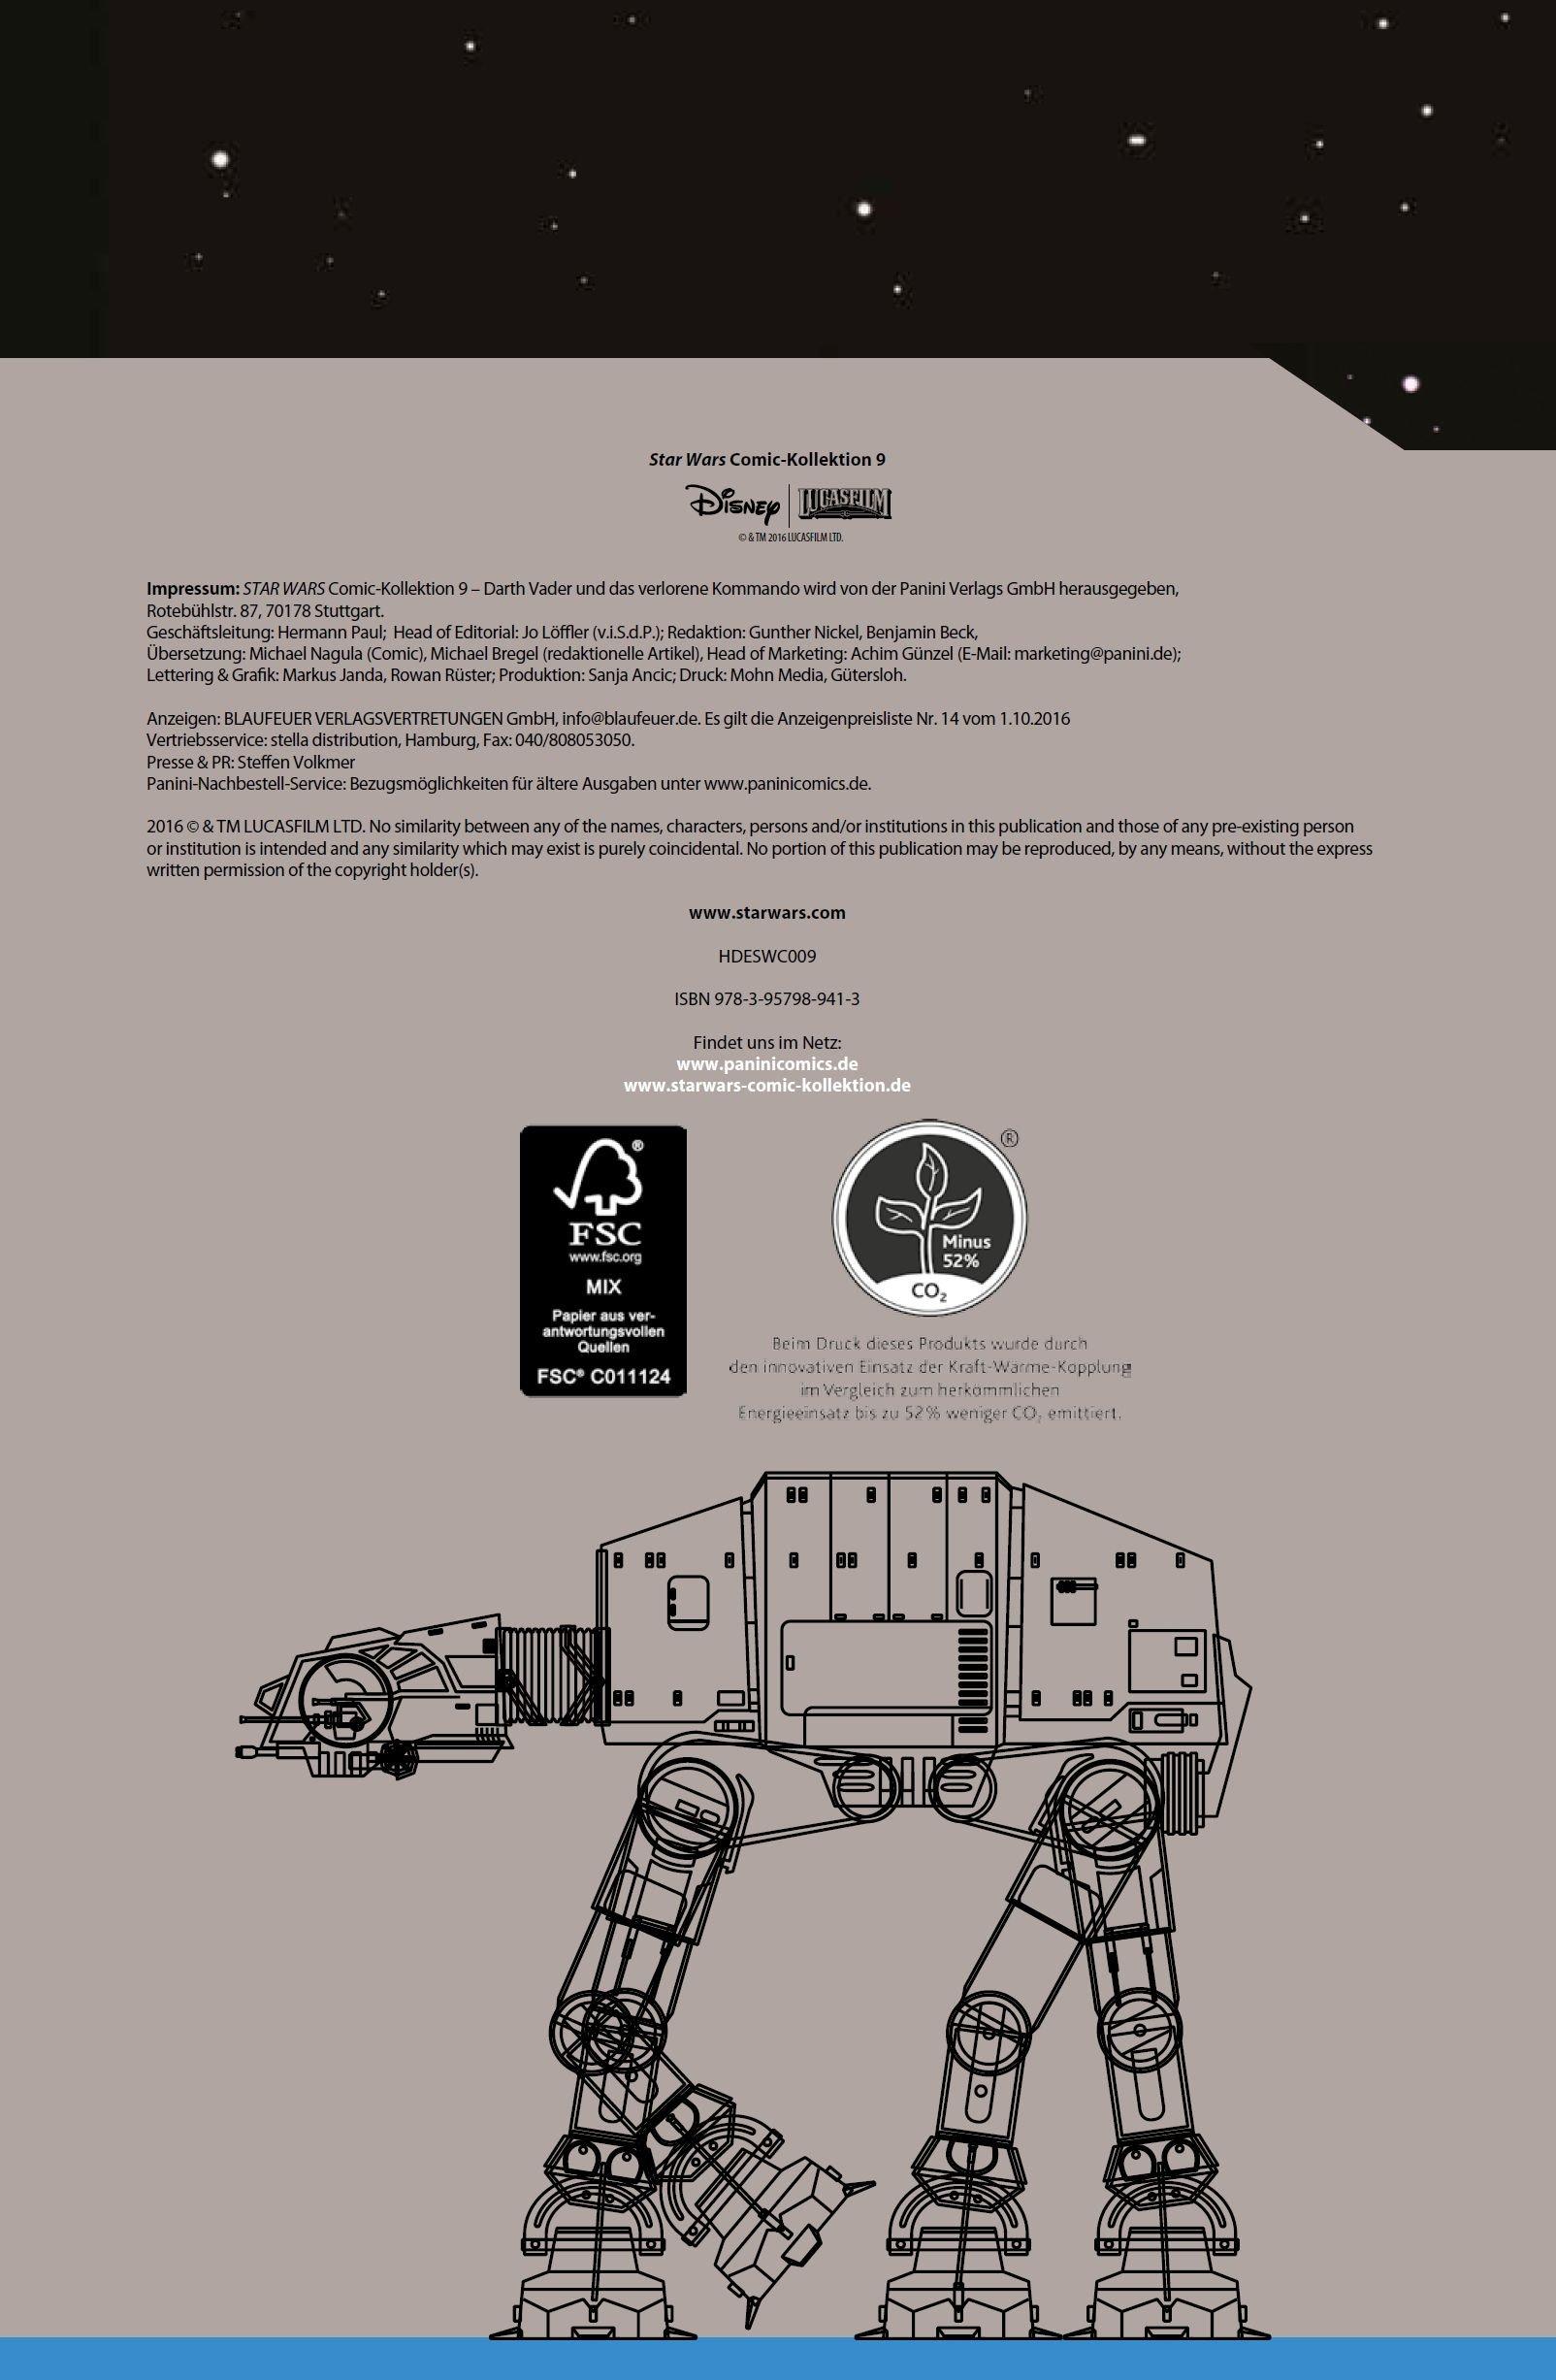 Star Wars Comic-Kollektion, Band 9: Darth Vader und das verlorene Kommando - Vorschauseite 2